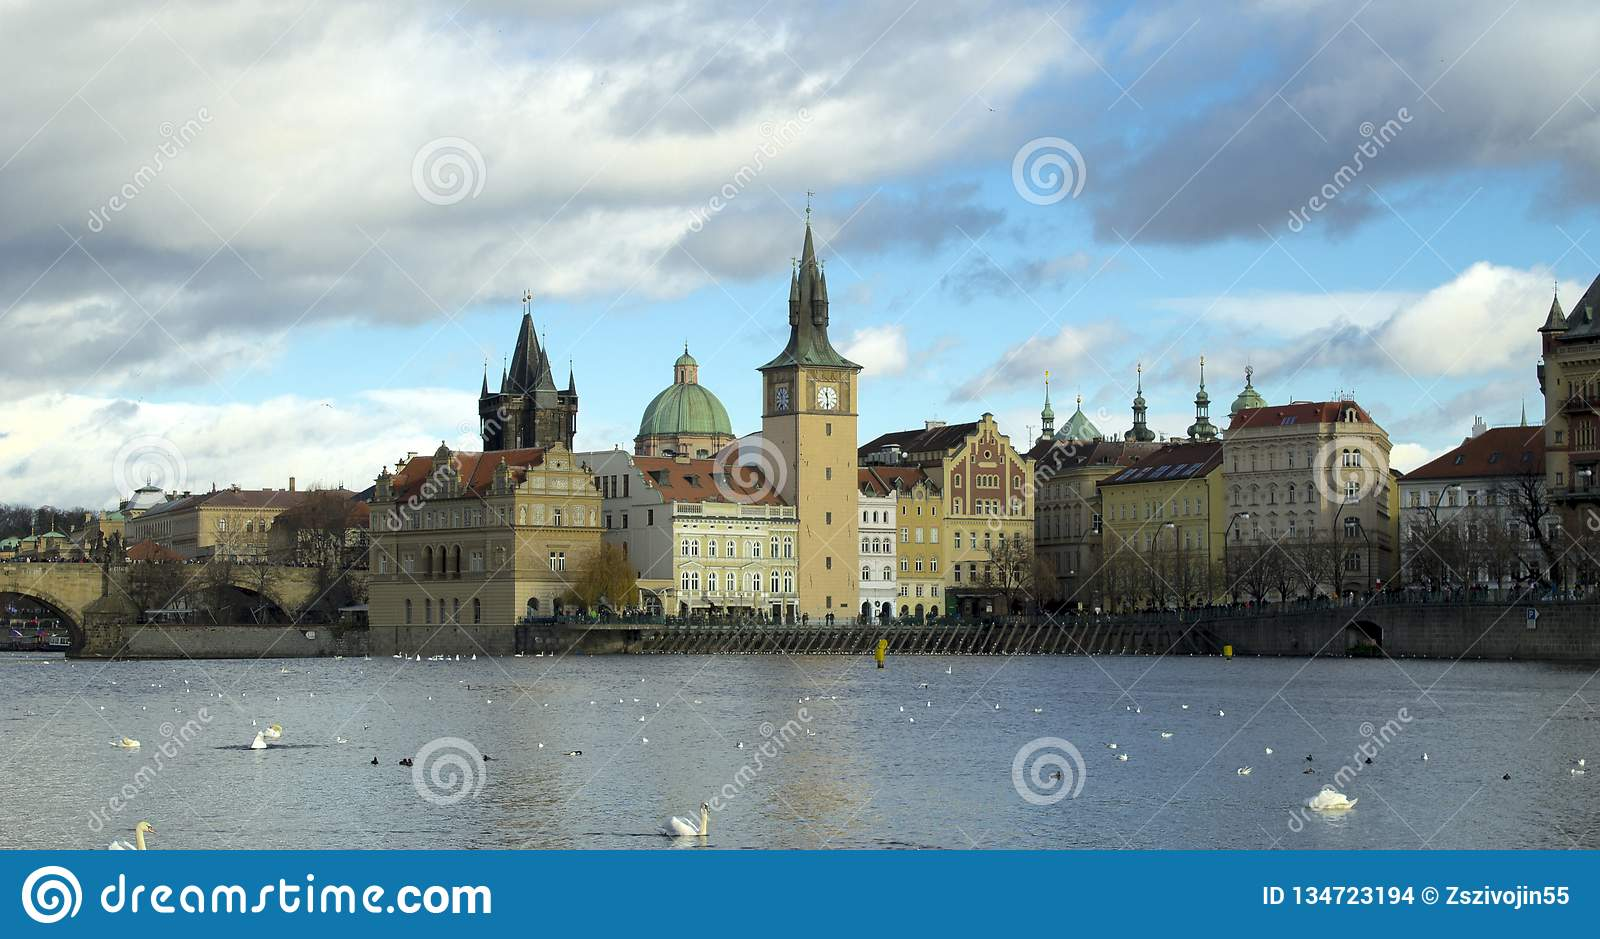 'My памяти и впечатления от Праги - великолепного места